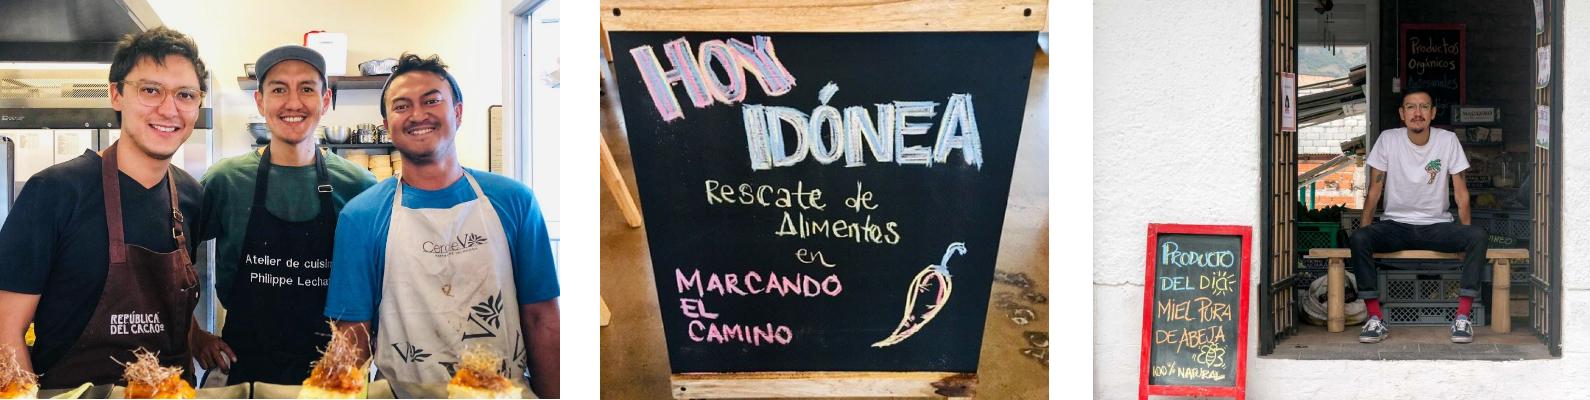 3 fotos en donde se ve al chef Santiago Rosero